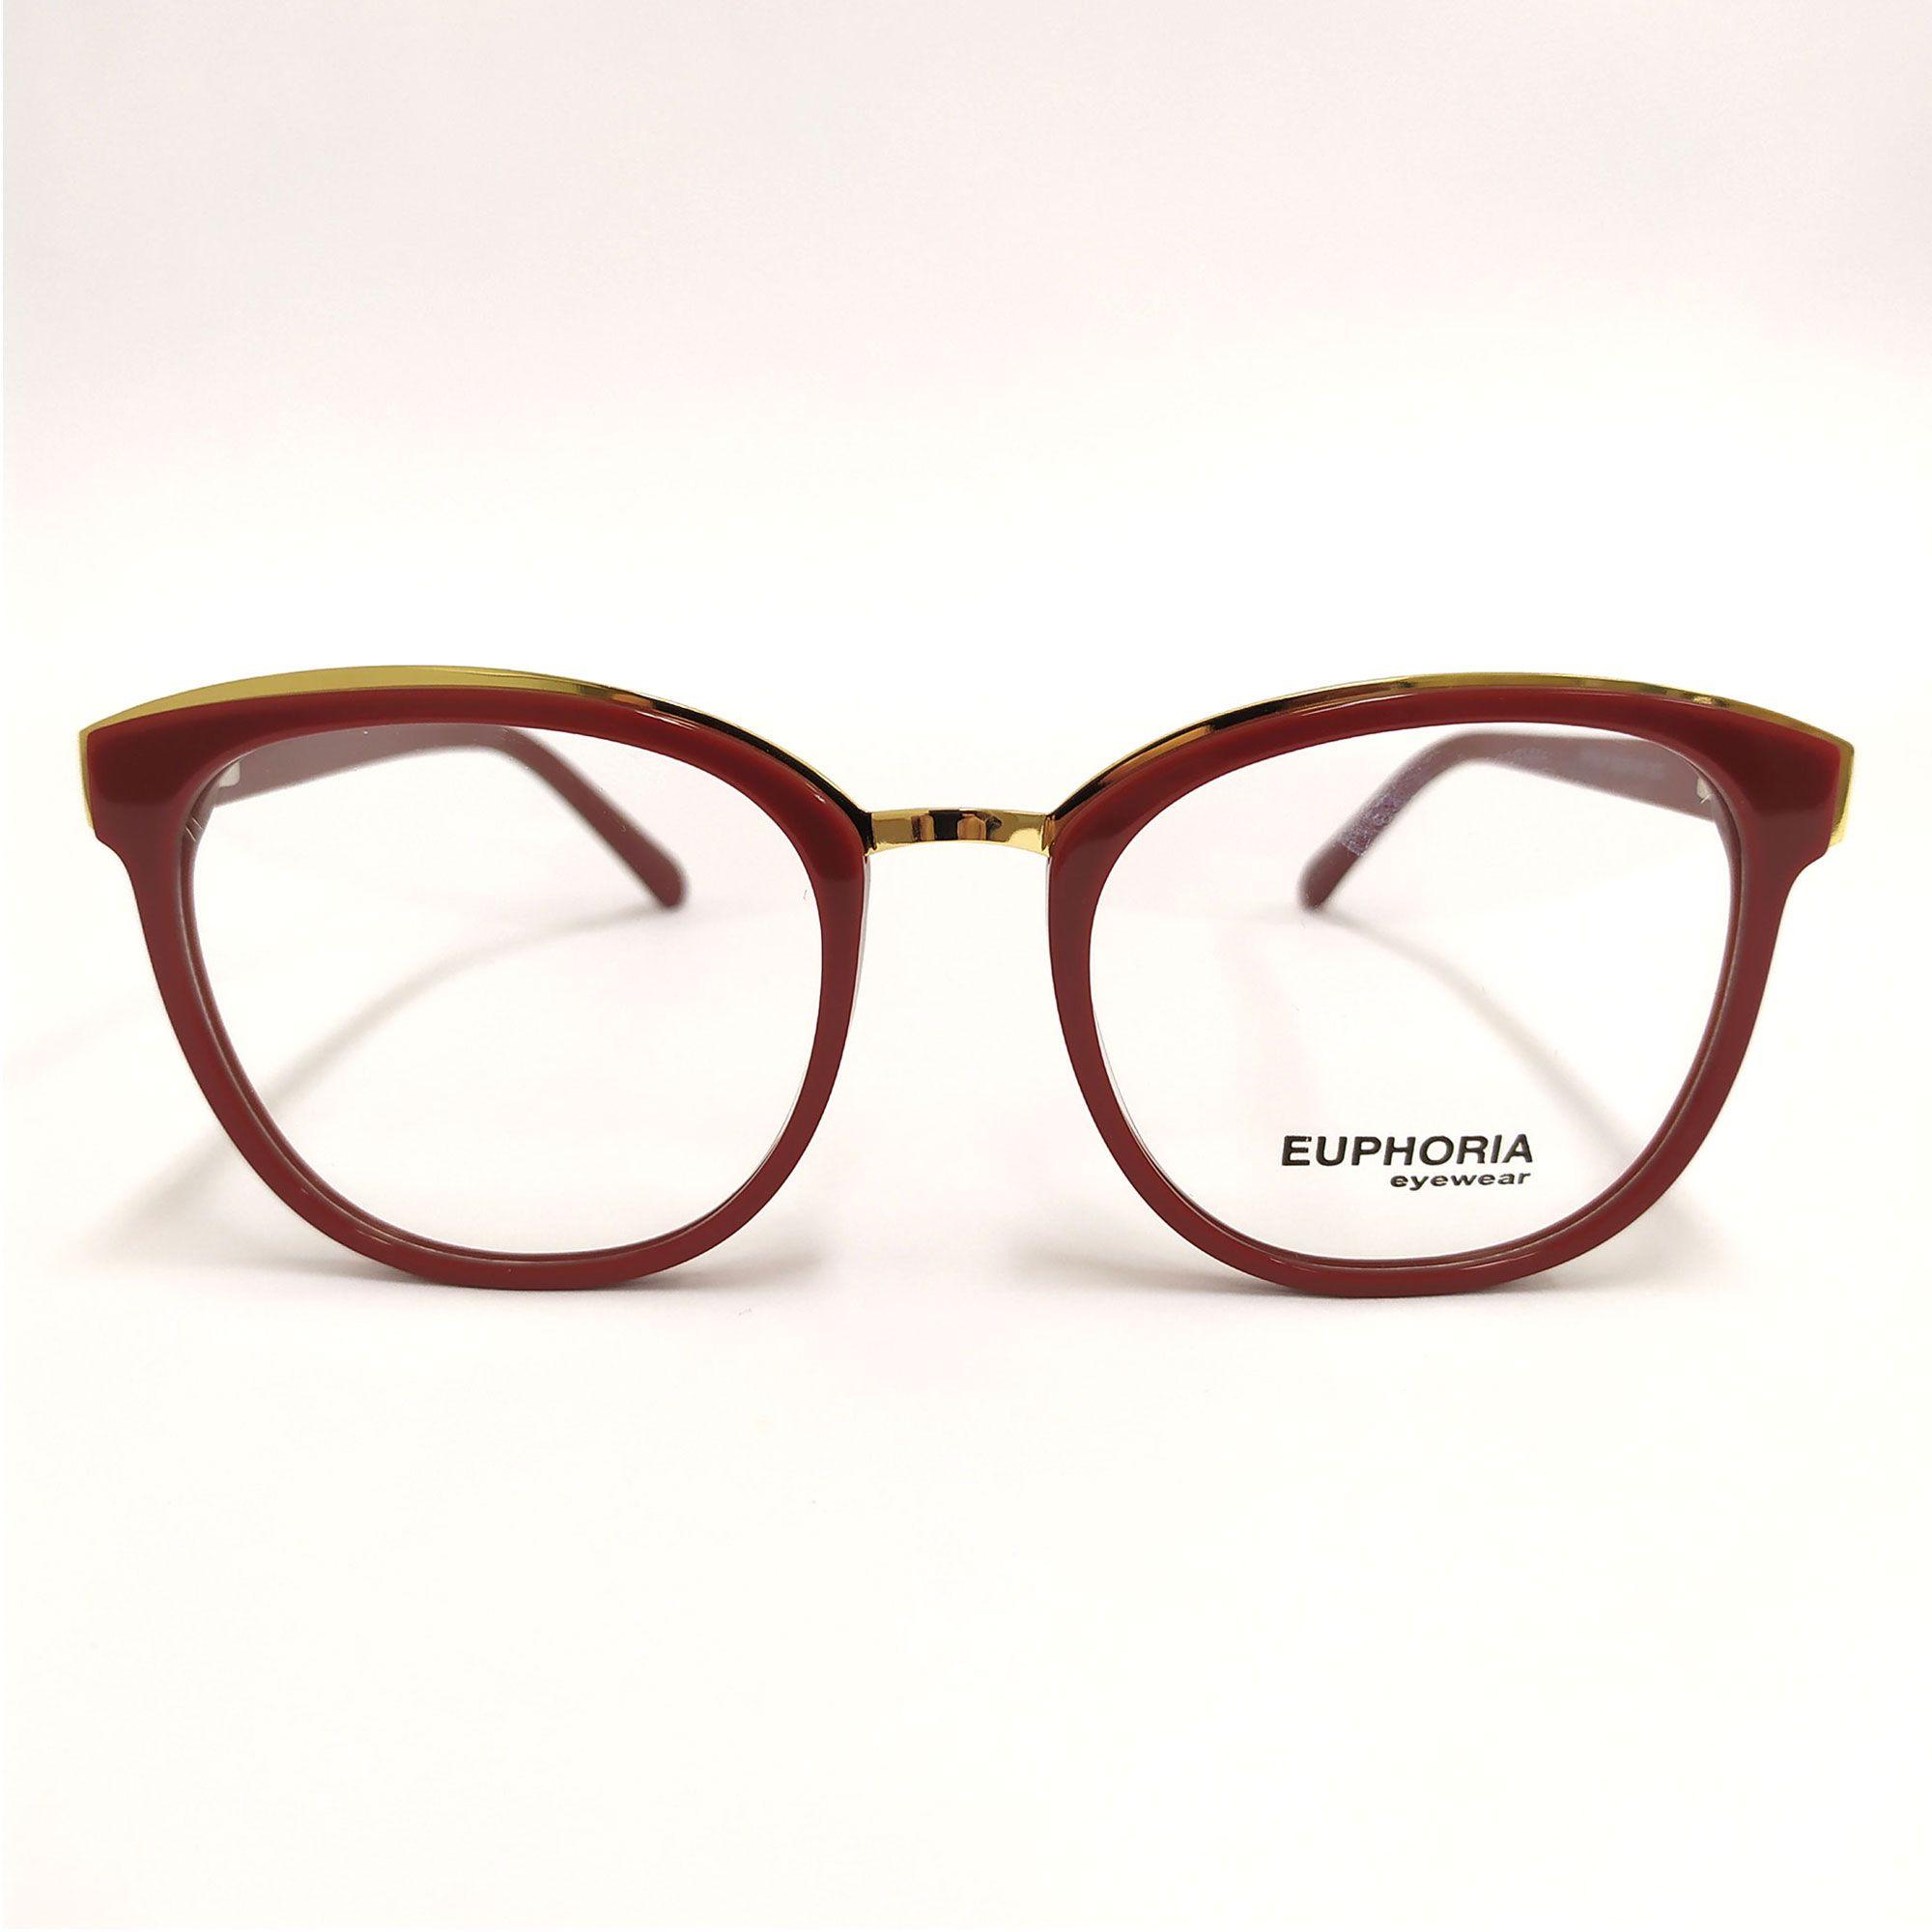 Óculos de Grau Euphoria Vermelho RM10021 B0